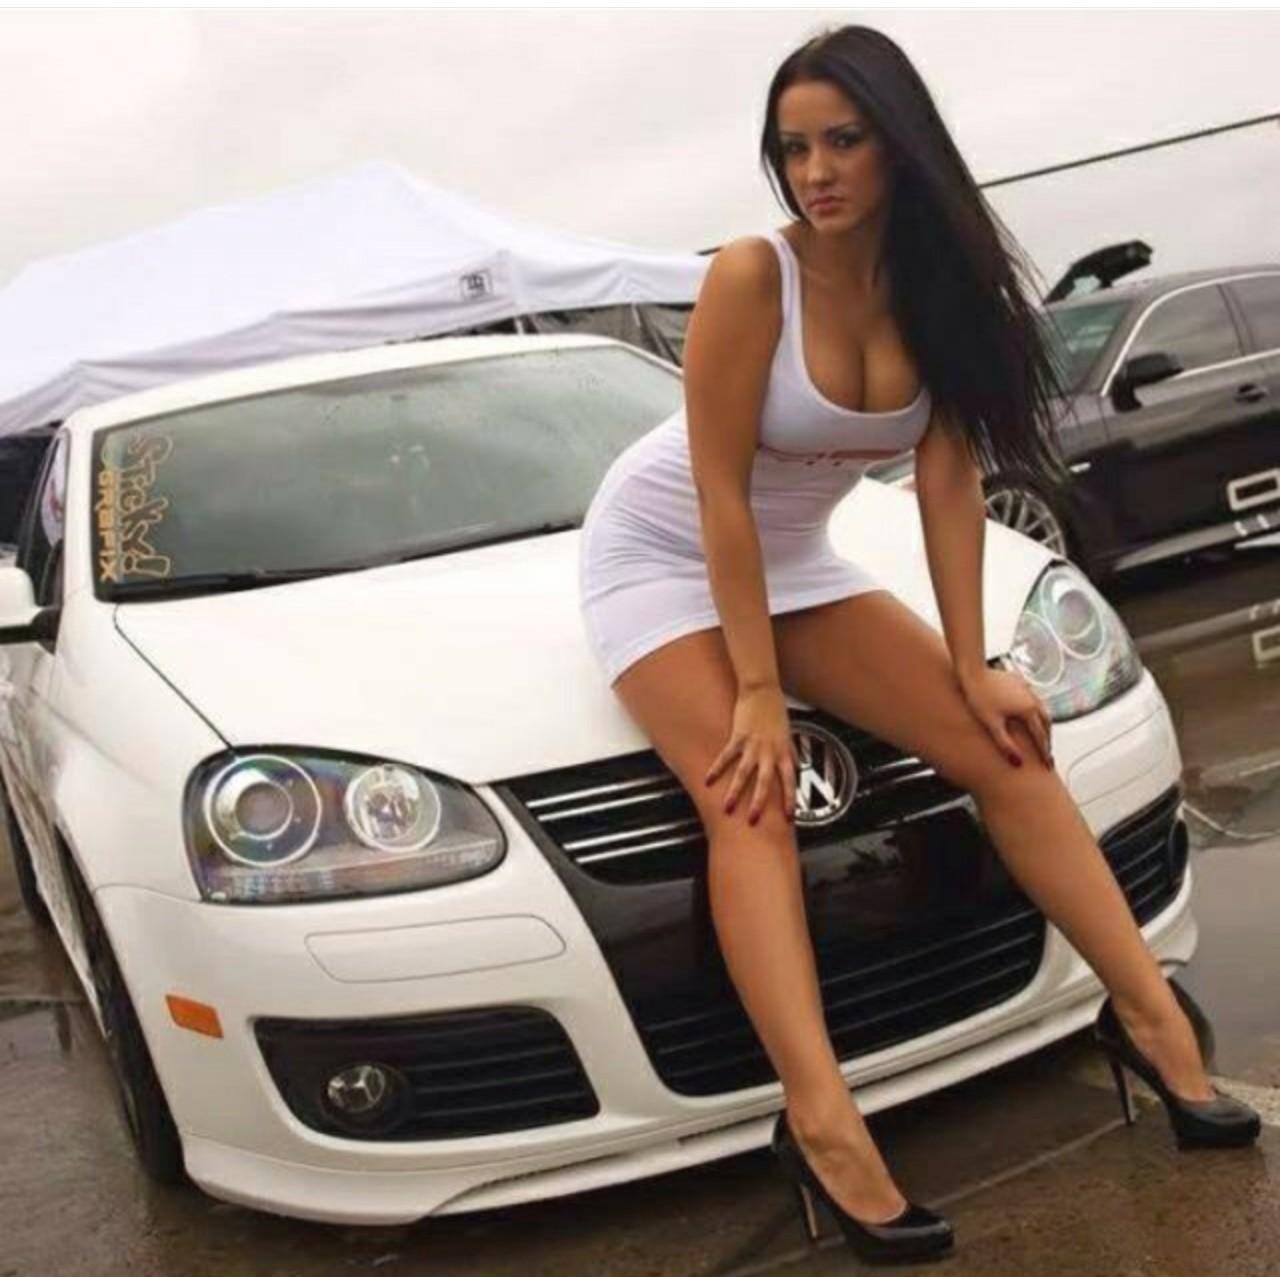 Секс в машине с русской девушкой смотреть